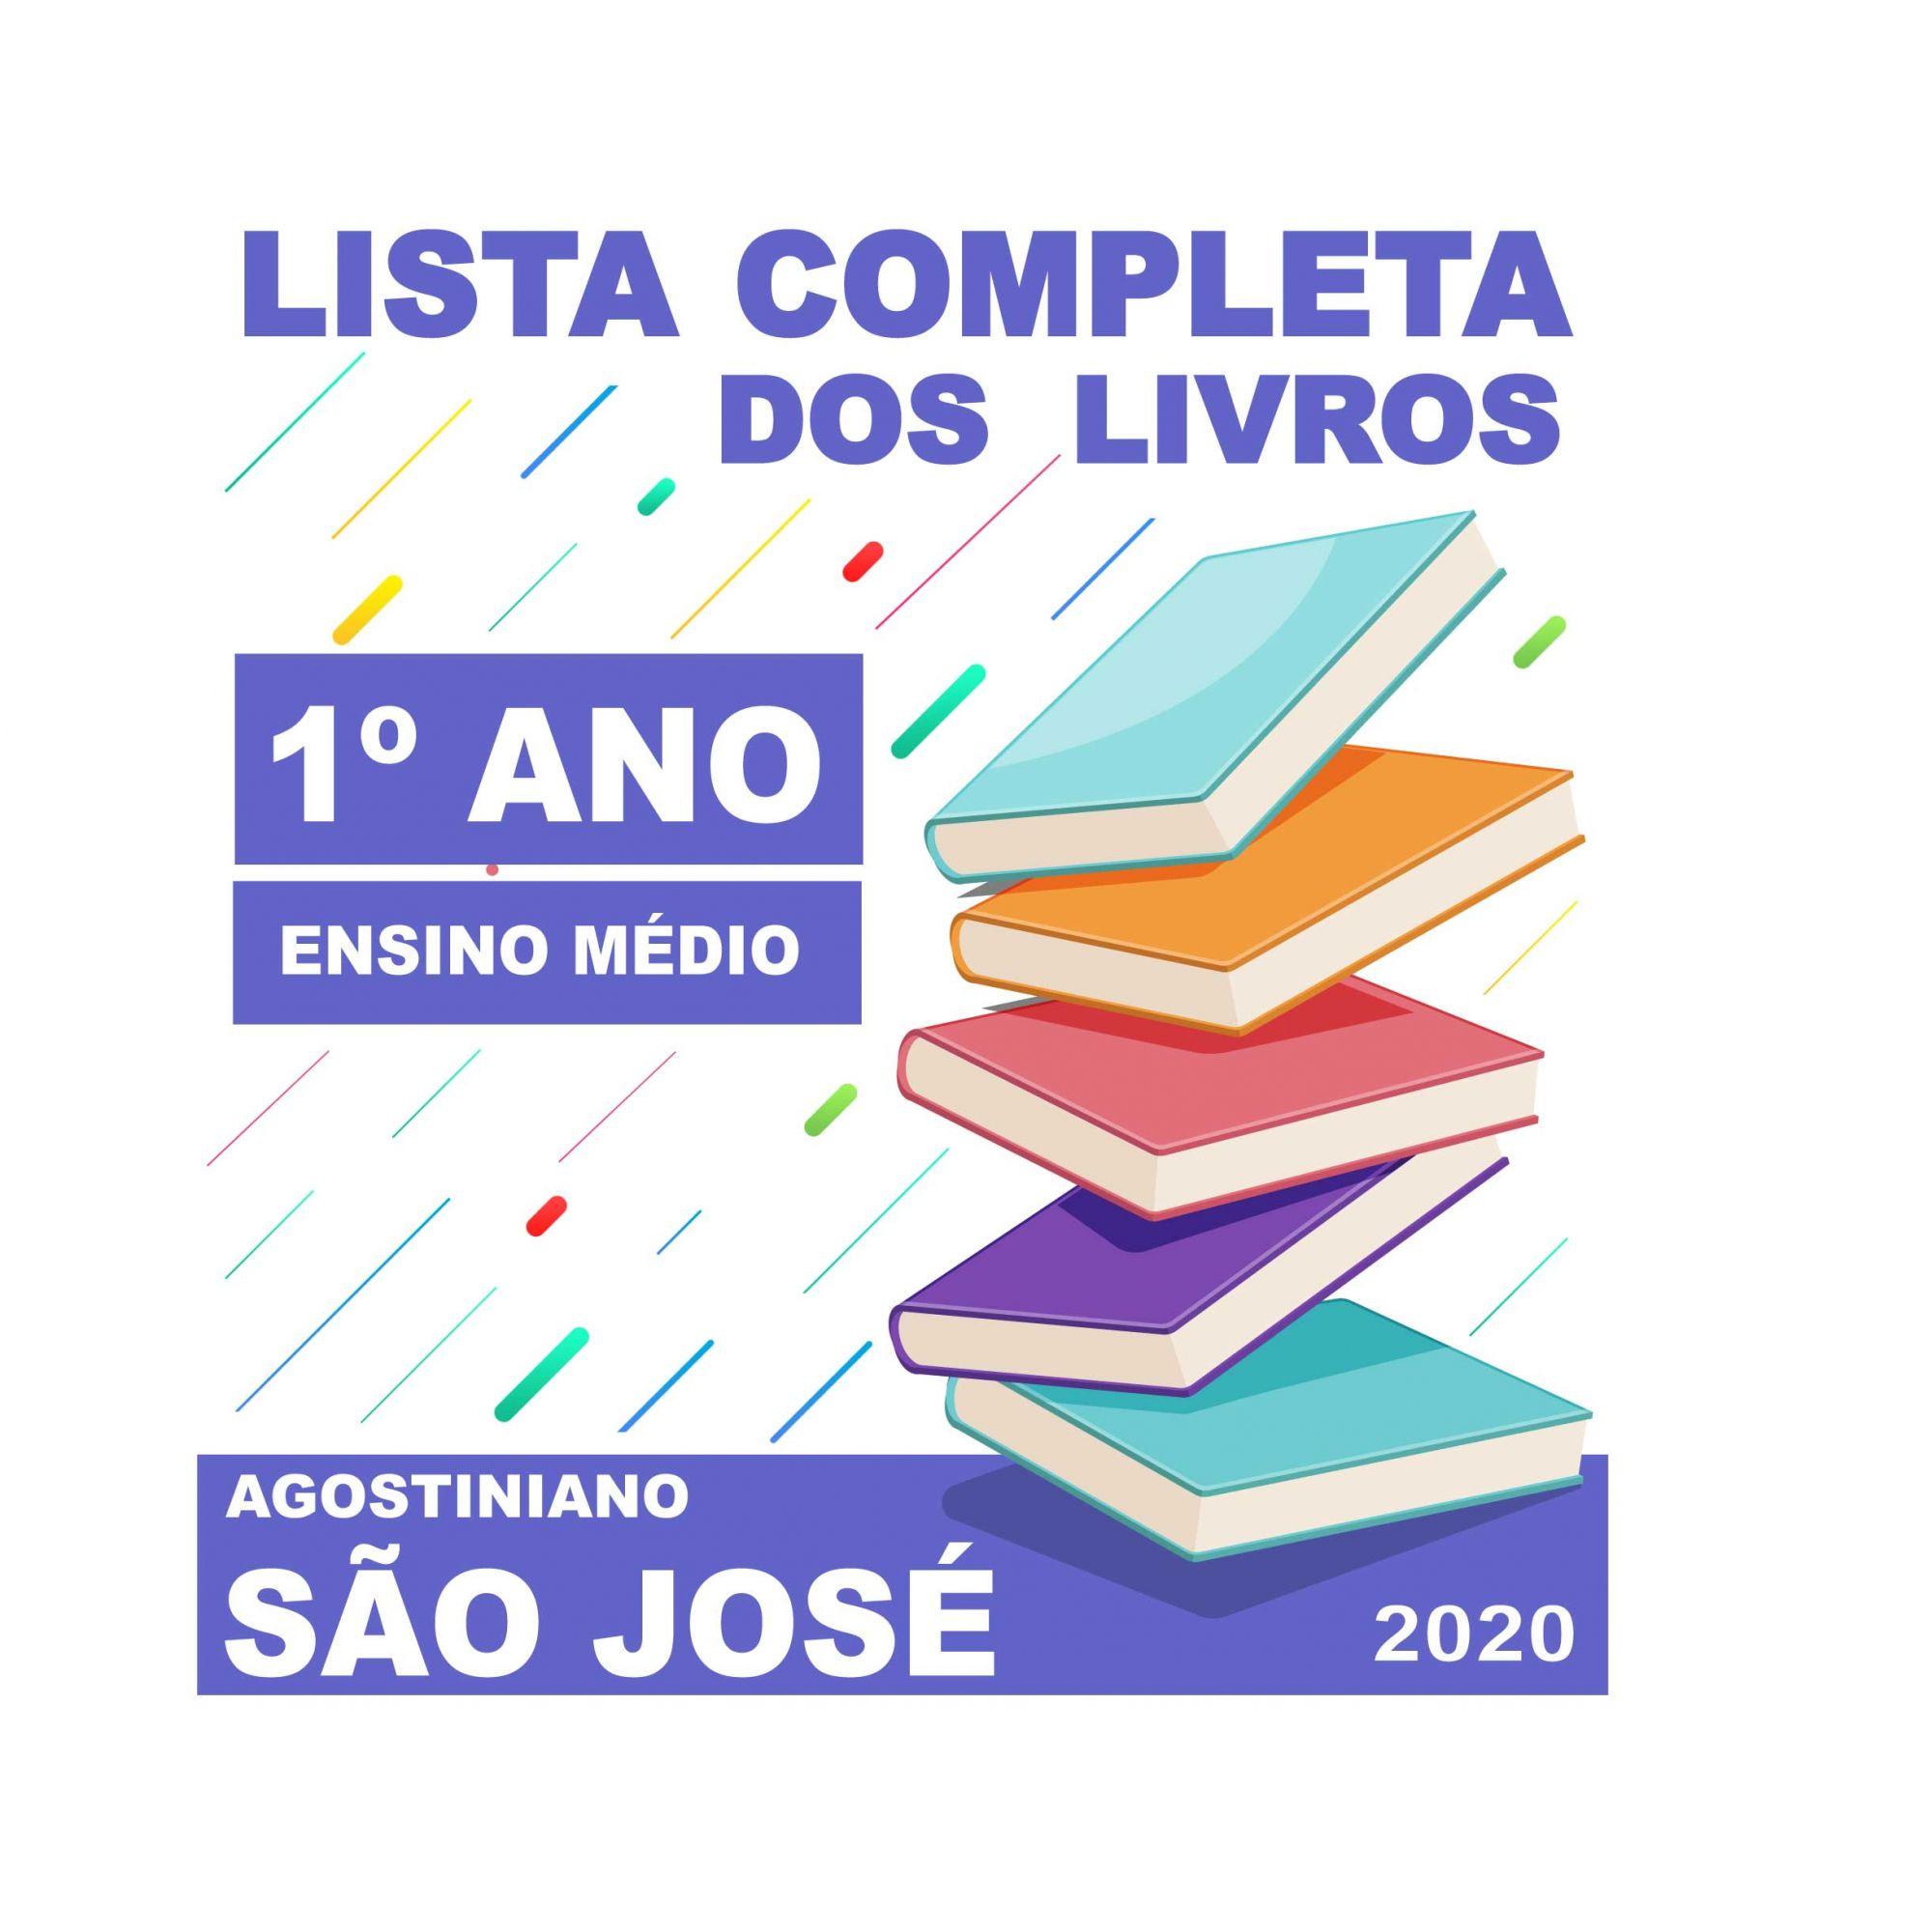 LISTA COMPLETA DE LIVROS 1º ANO - ENSINO MÉDIO